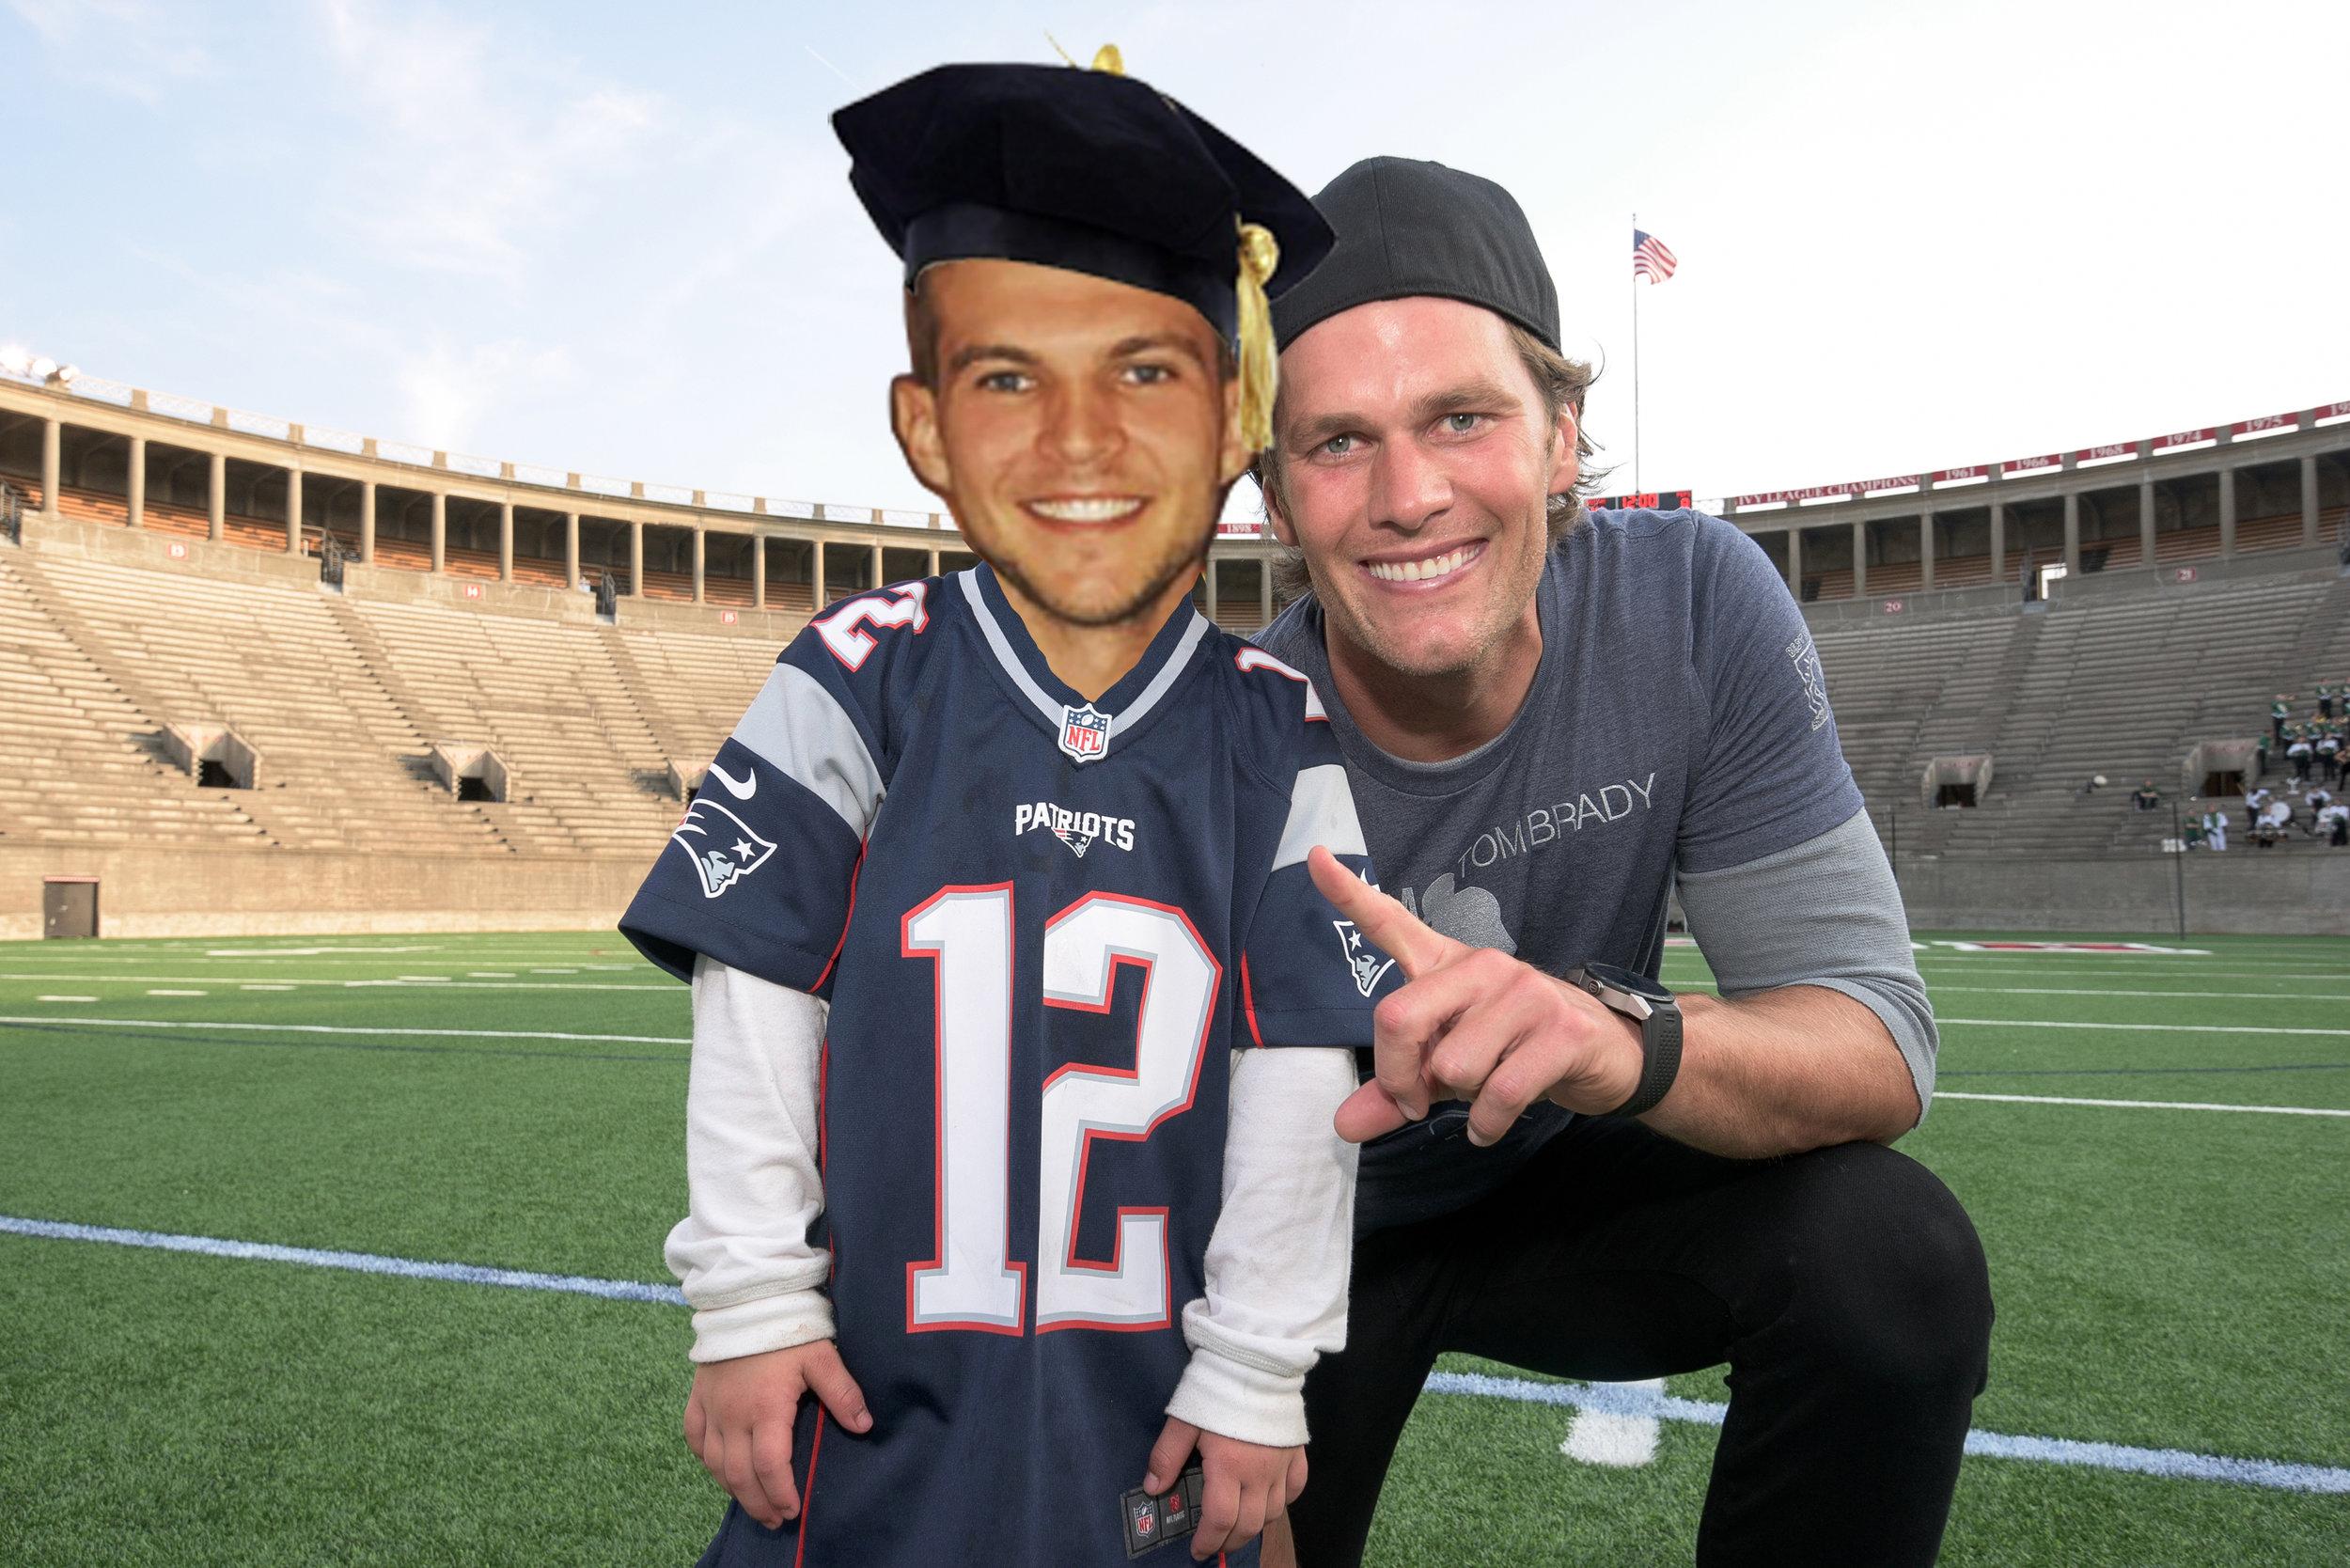 Tom-and-Buddy Eugene.jpg